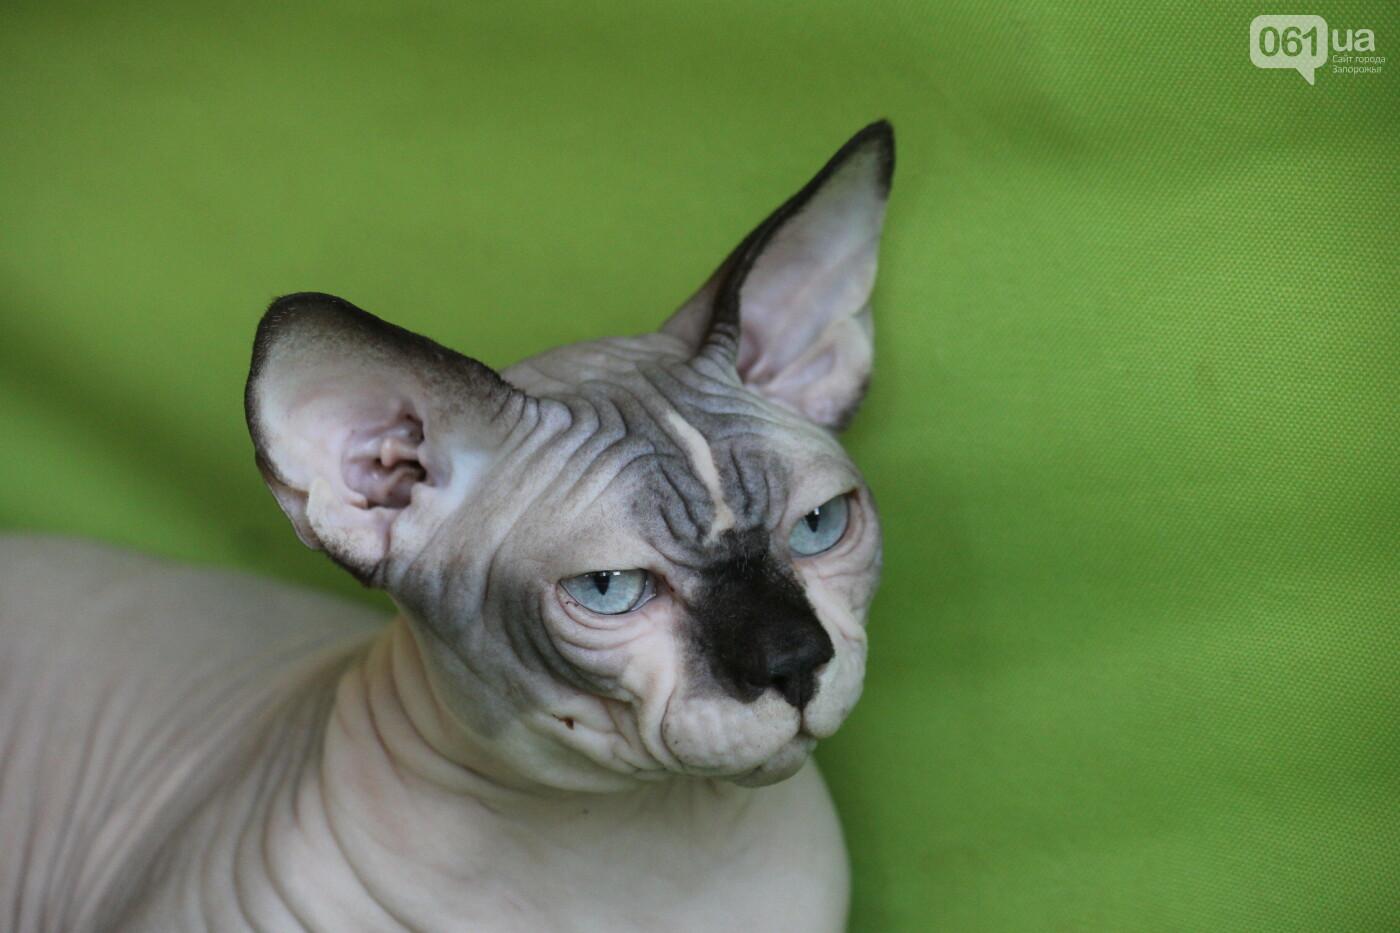 В Запорожье на выставке кошек показали 130 питомцев со всей Украины, – ФОТОРЕПОРТАЖ, фото-41